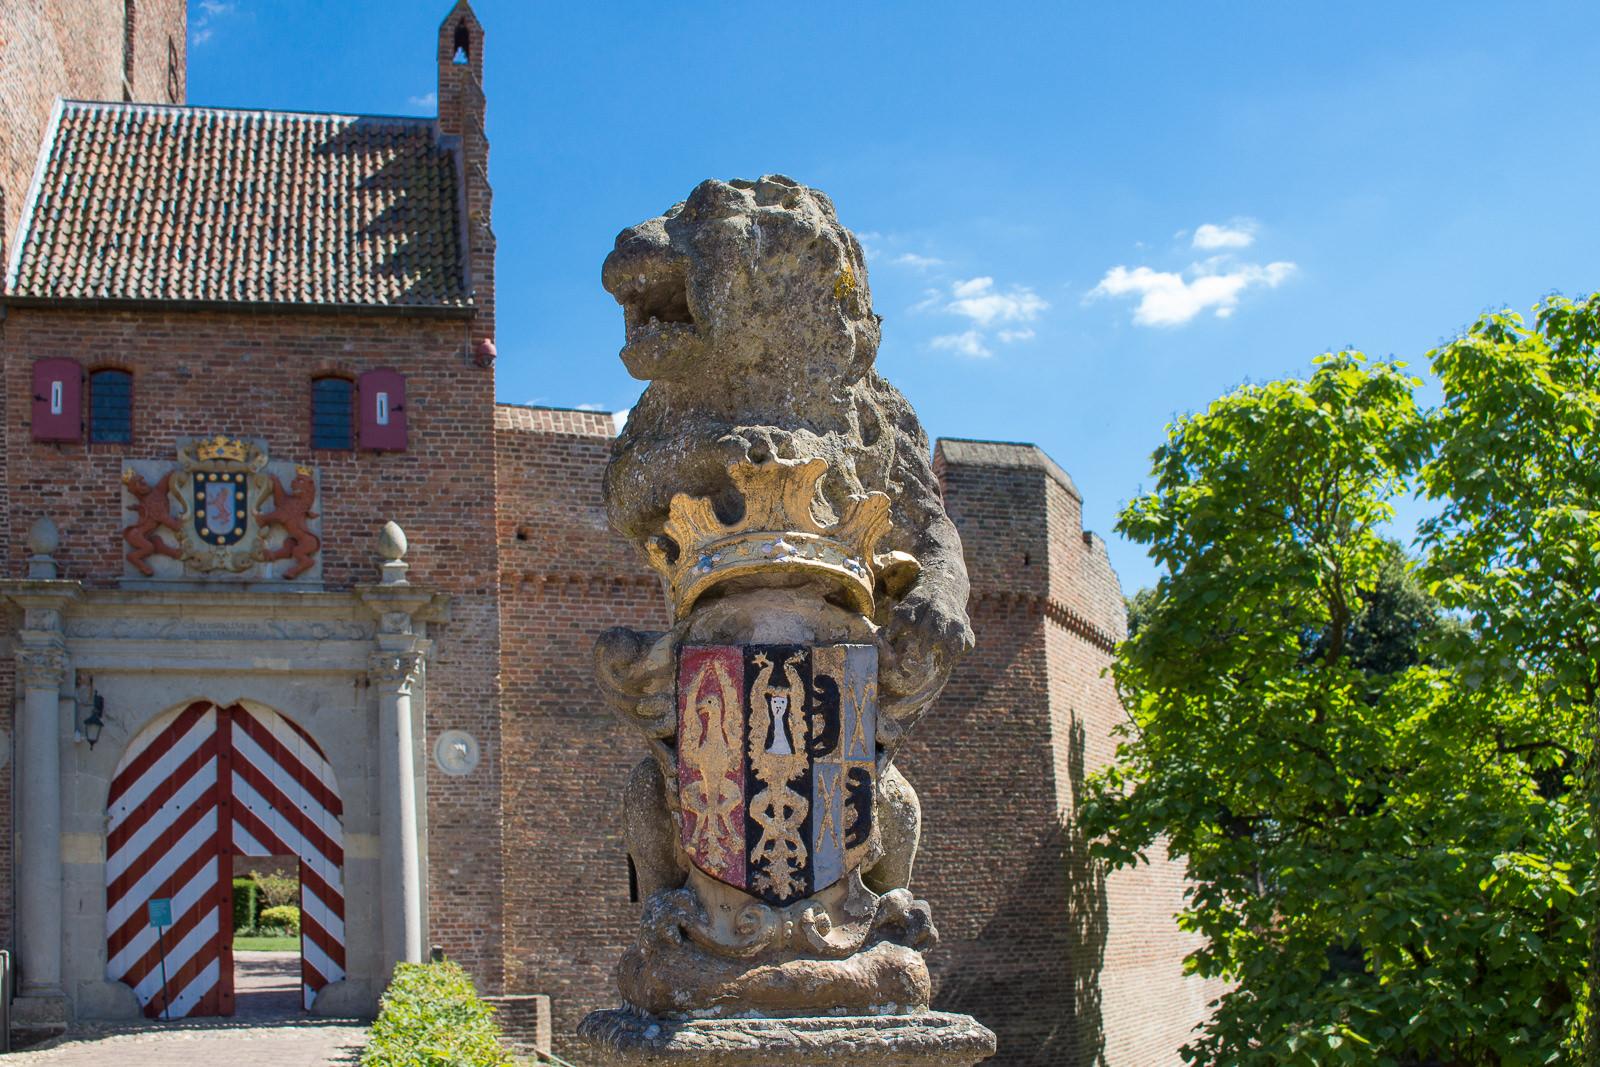 KasteKastell Schloss Huis Berg, 's-Heerenberg Schloss Huis Berg, 's-Heerenberg